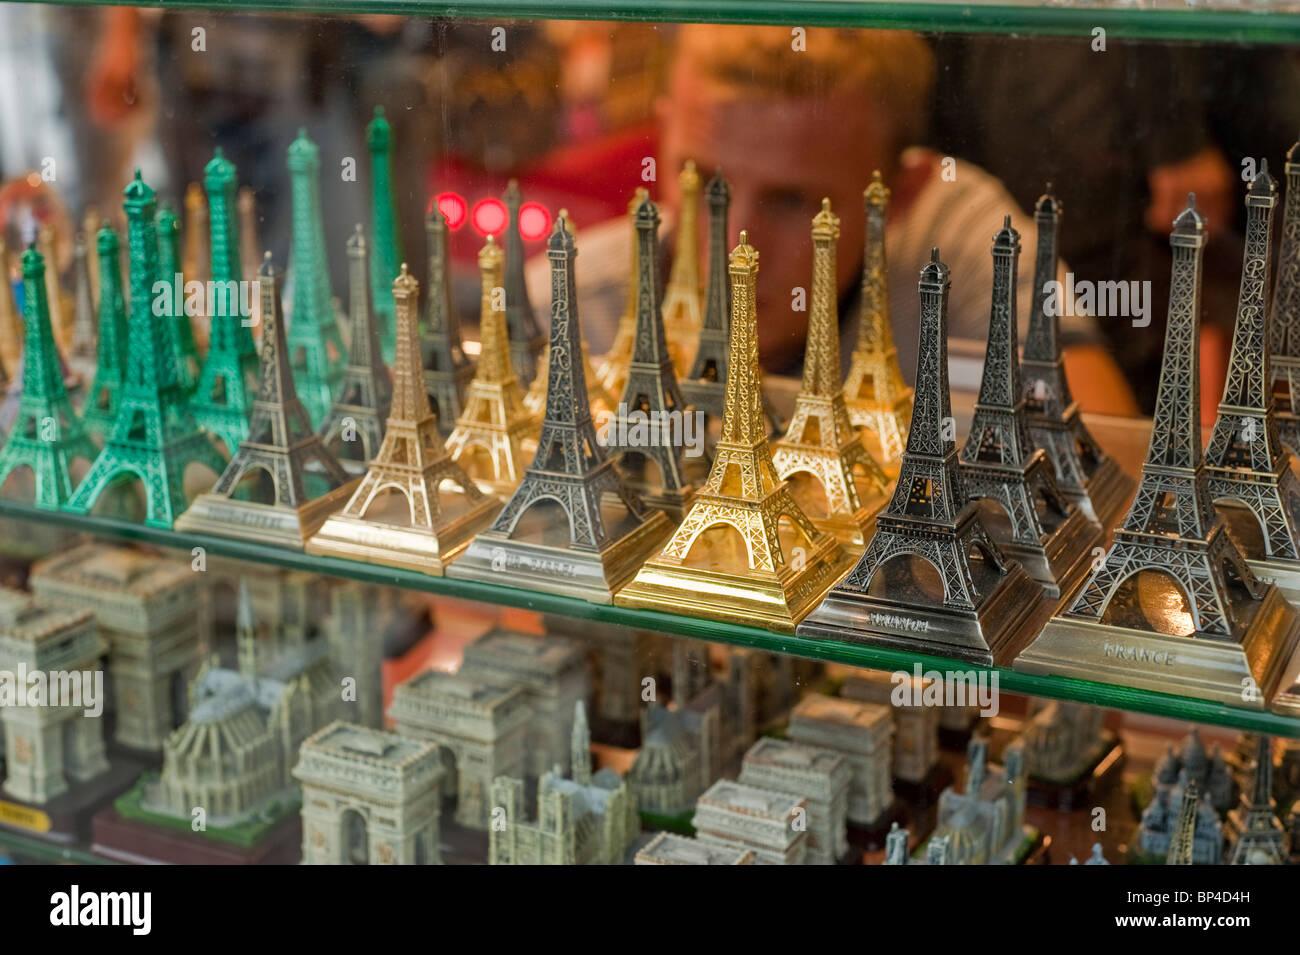 3f5080774b51b Paris Souvenirs Shop Stock Photos   Paris Souvenirs Shop Stock ...